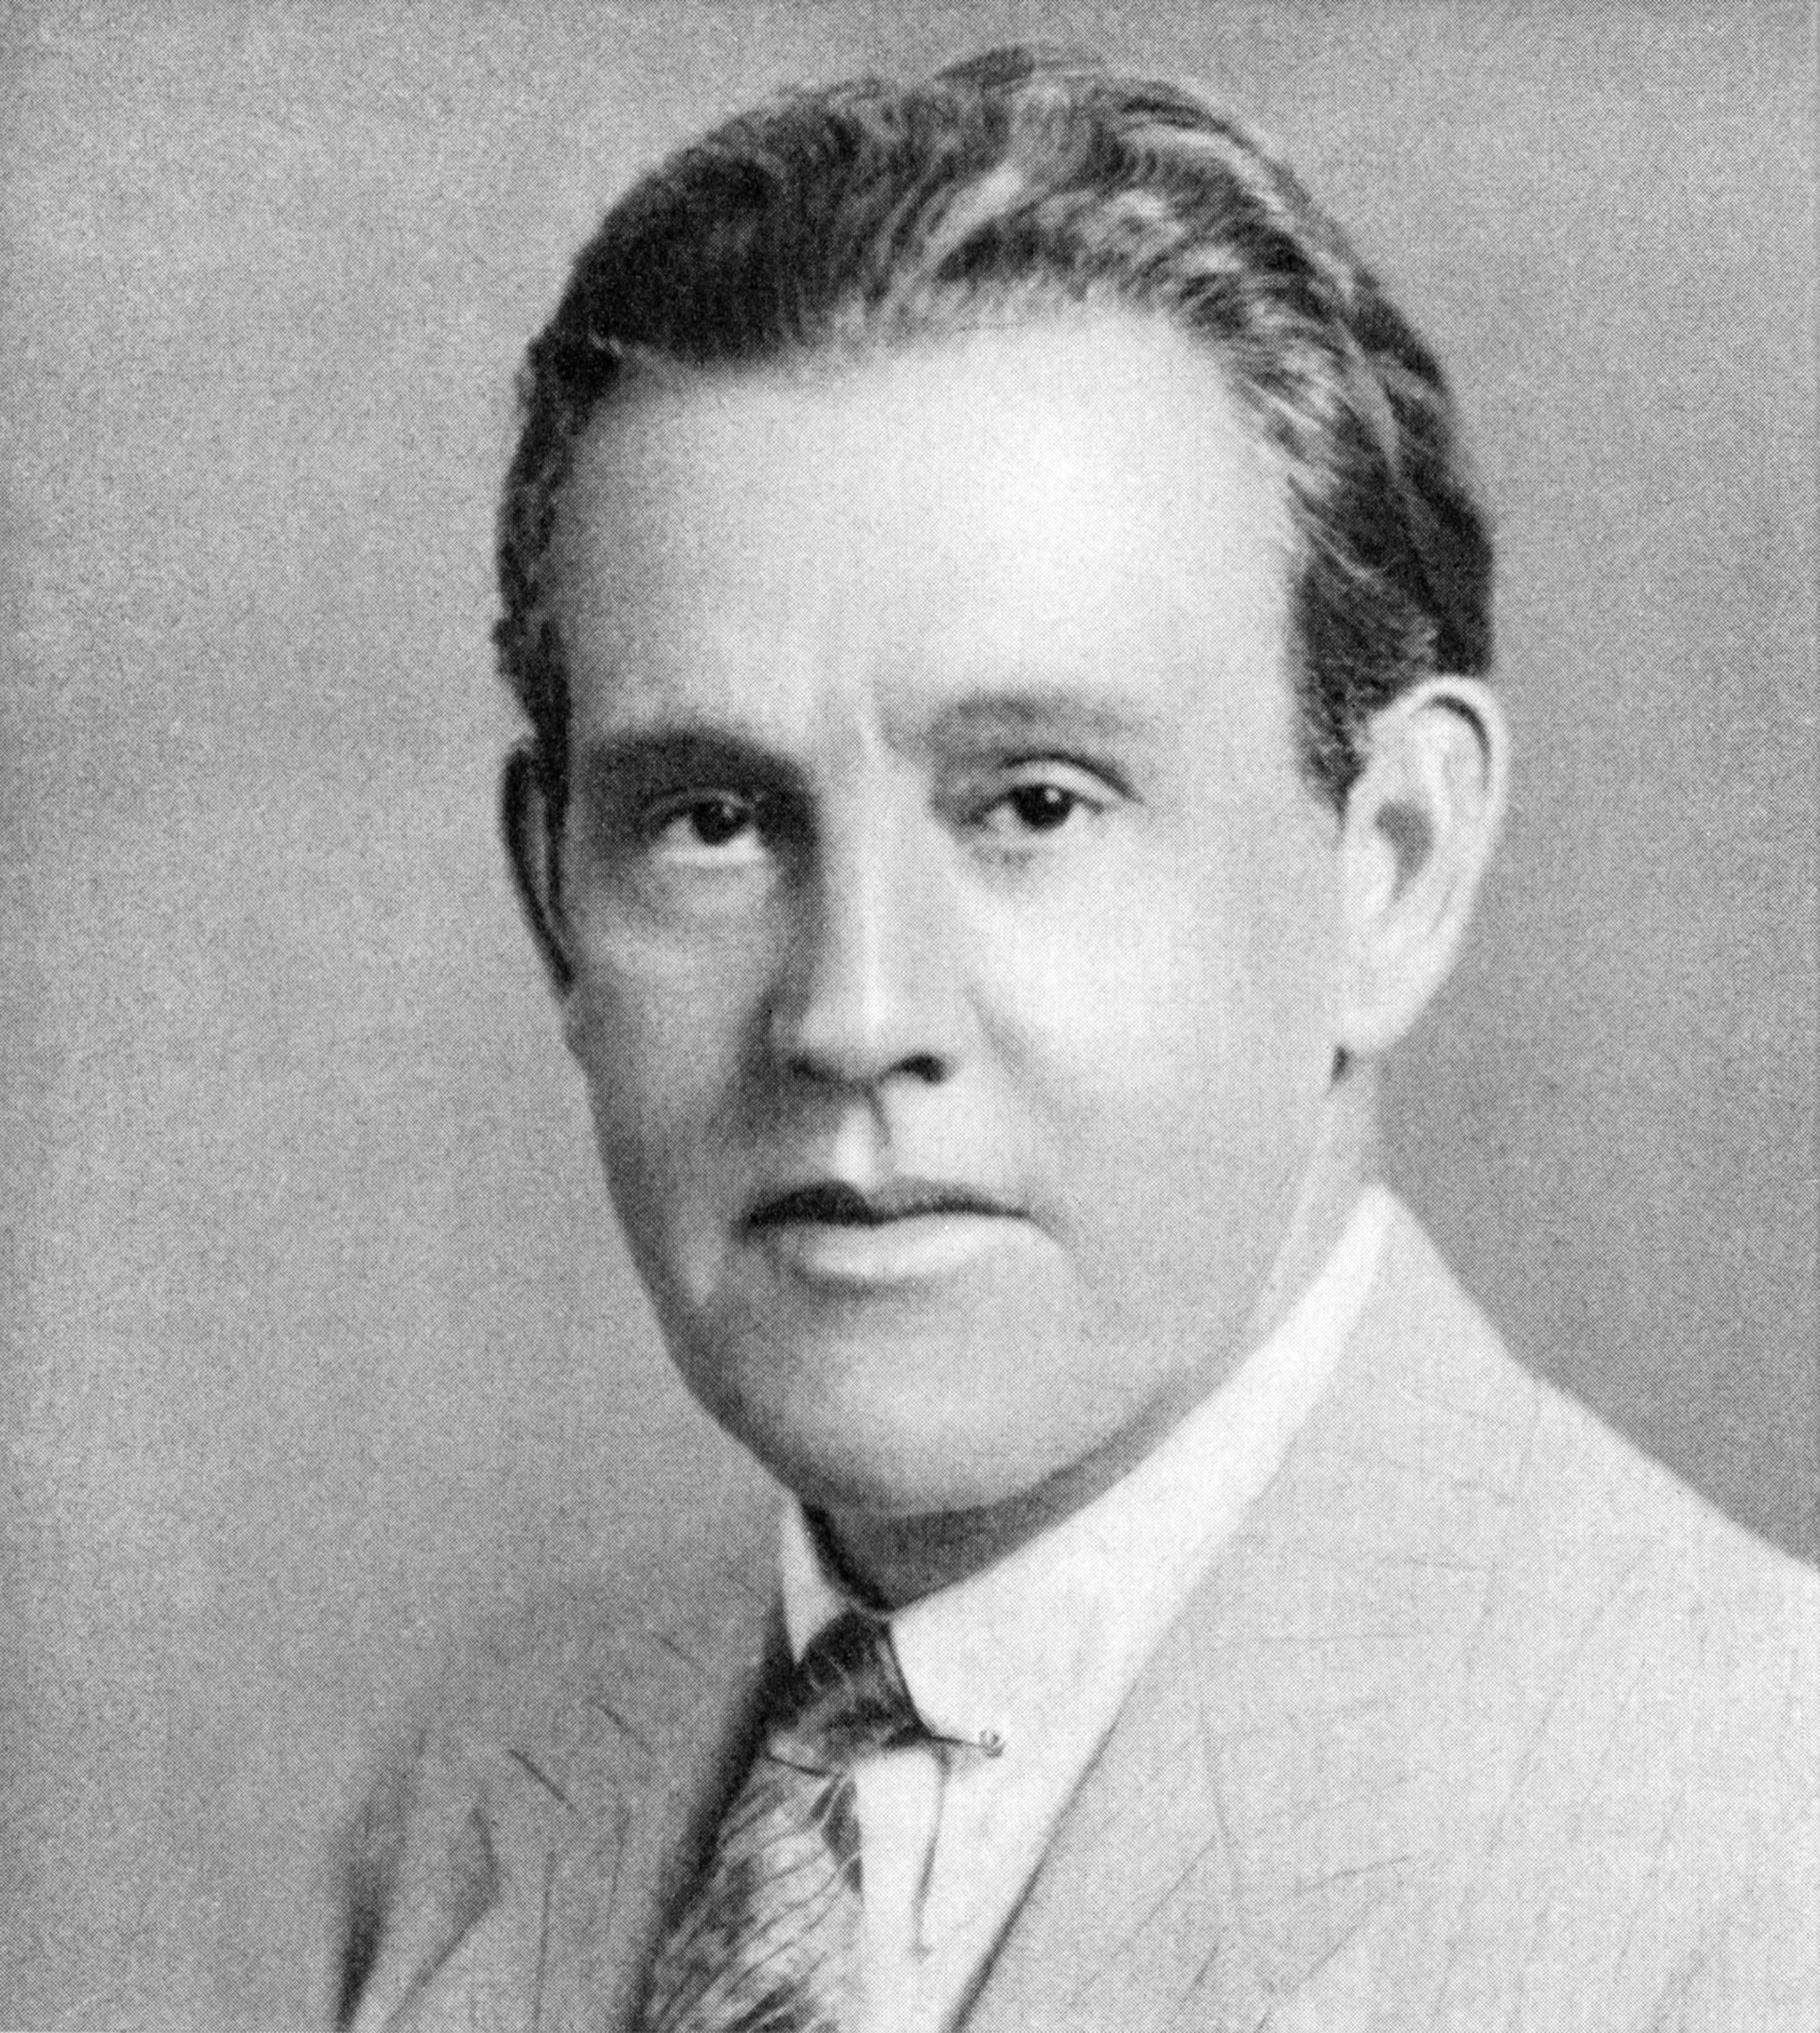 Toler in 1930